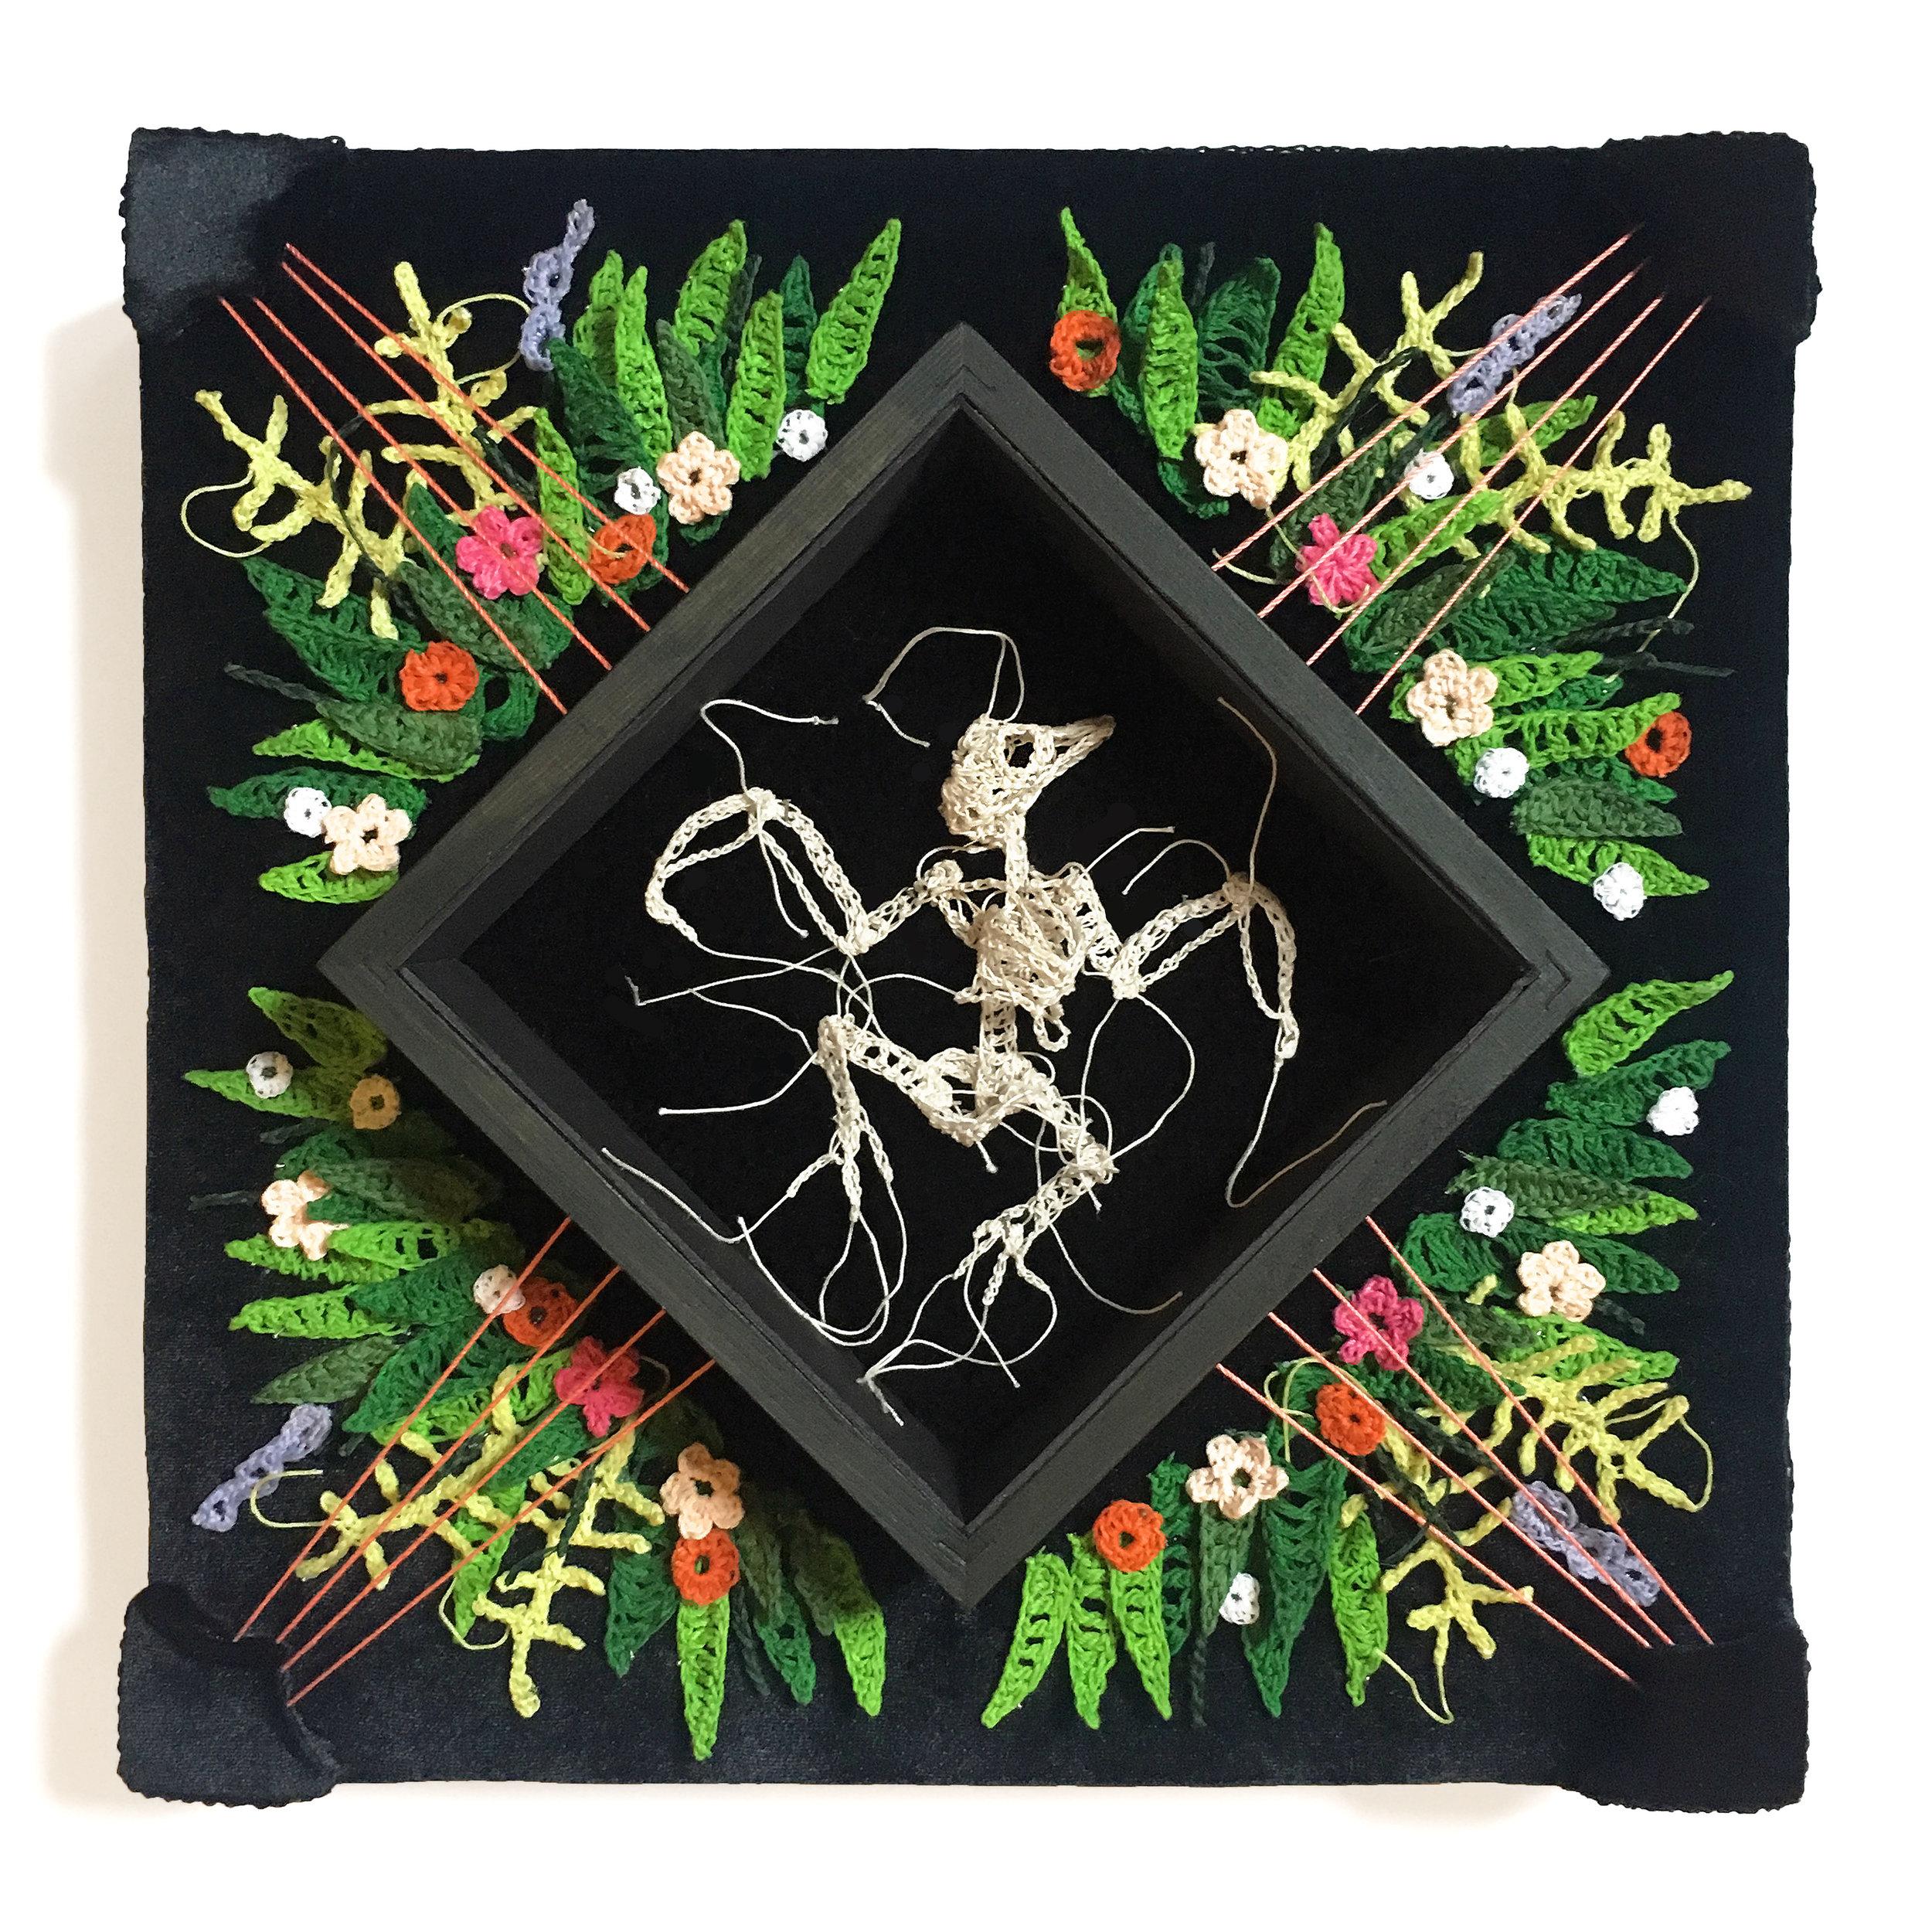 """CAITLIN MCCORMACK - """"Litterfall"""", crochet cotton string, glue, steel pins, velvet, custom wood frame12"""" X 12"""" X 4.5""""$950"""